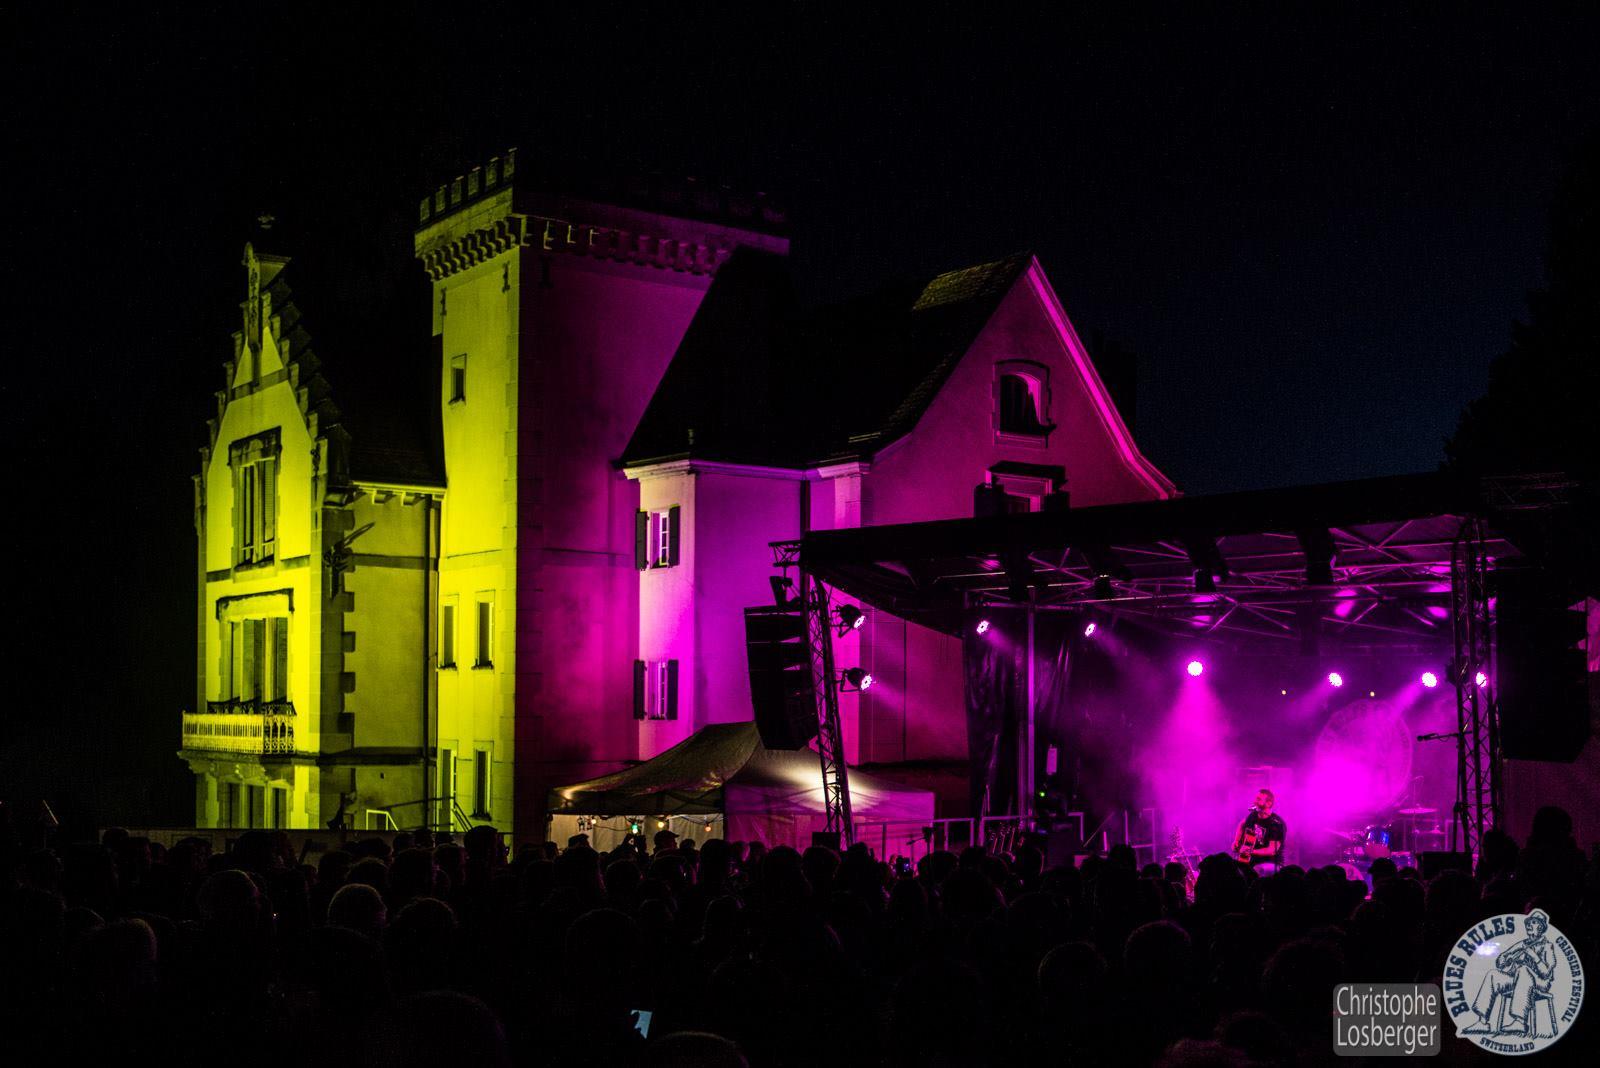 chateau & Ronan - C Losberger